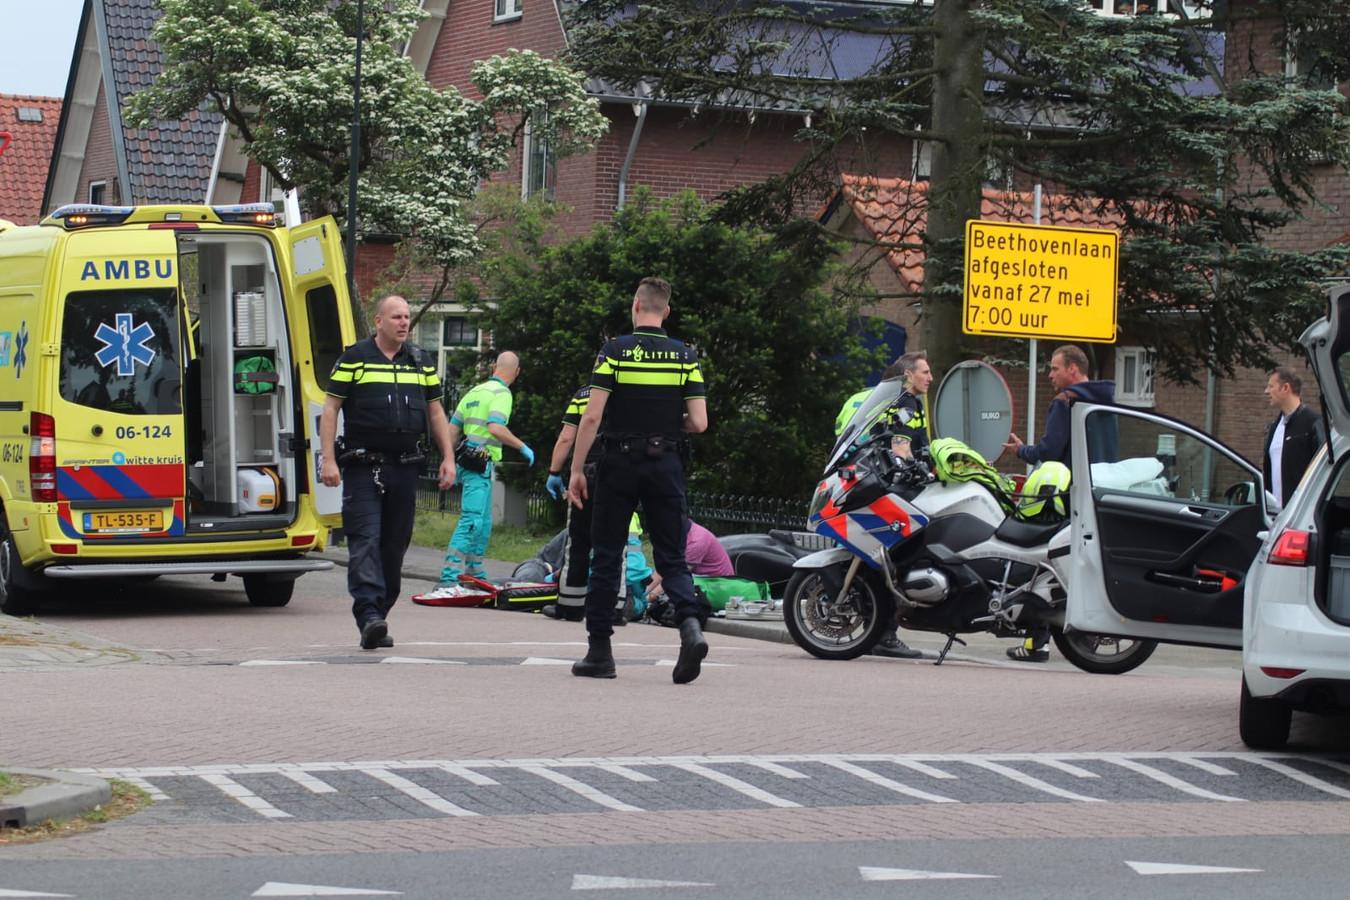 Op de hoek Arnhemseweg-Beethovenstraat in Apeldoorn gebeurde zondagmiddag een ernstig ongeval.